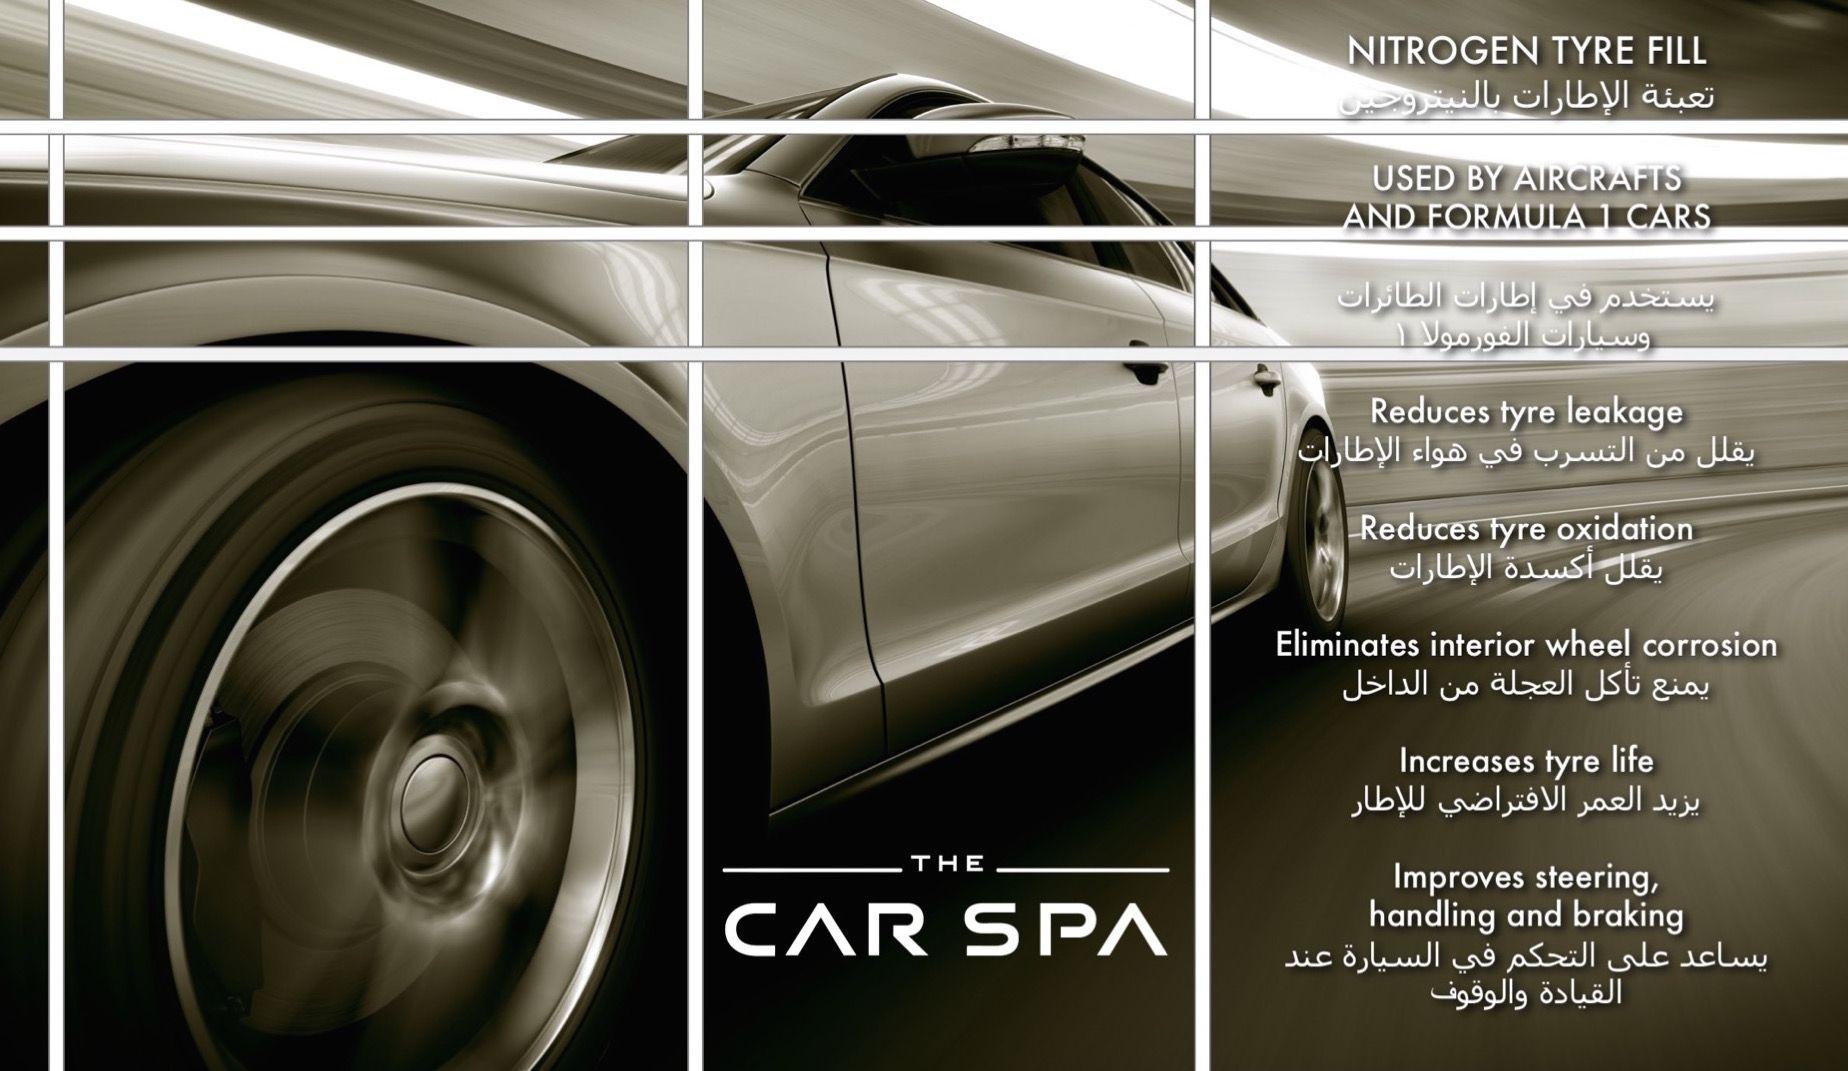 متوفر لدى ذا كار سبا تعبئة الإطارات بالنيتروجين يستخدم فى إطارات الطائرات و سيارات الفورمولا١ الغاز يقلل من التسرب ف Vehicle Care Car Detailing Car Care